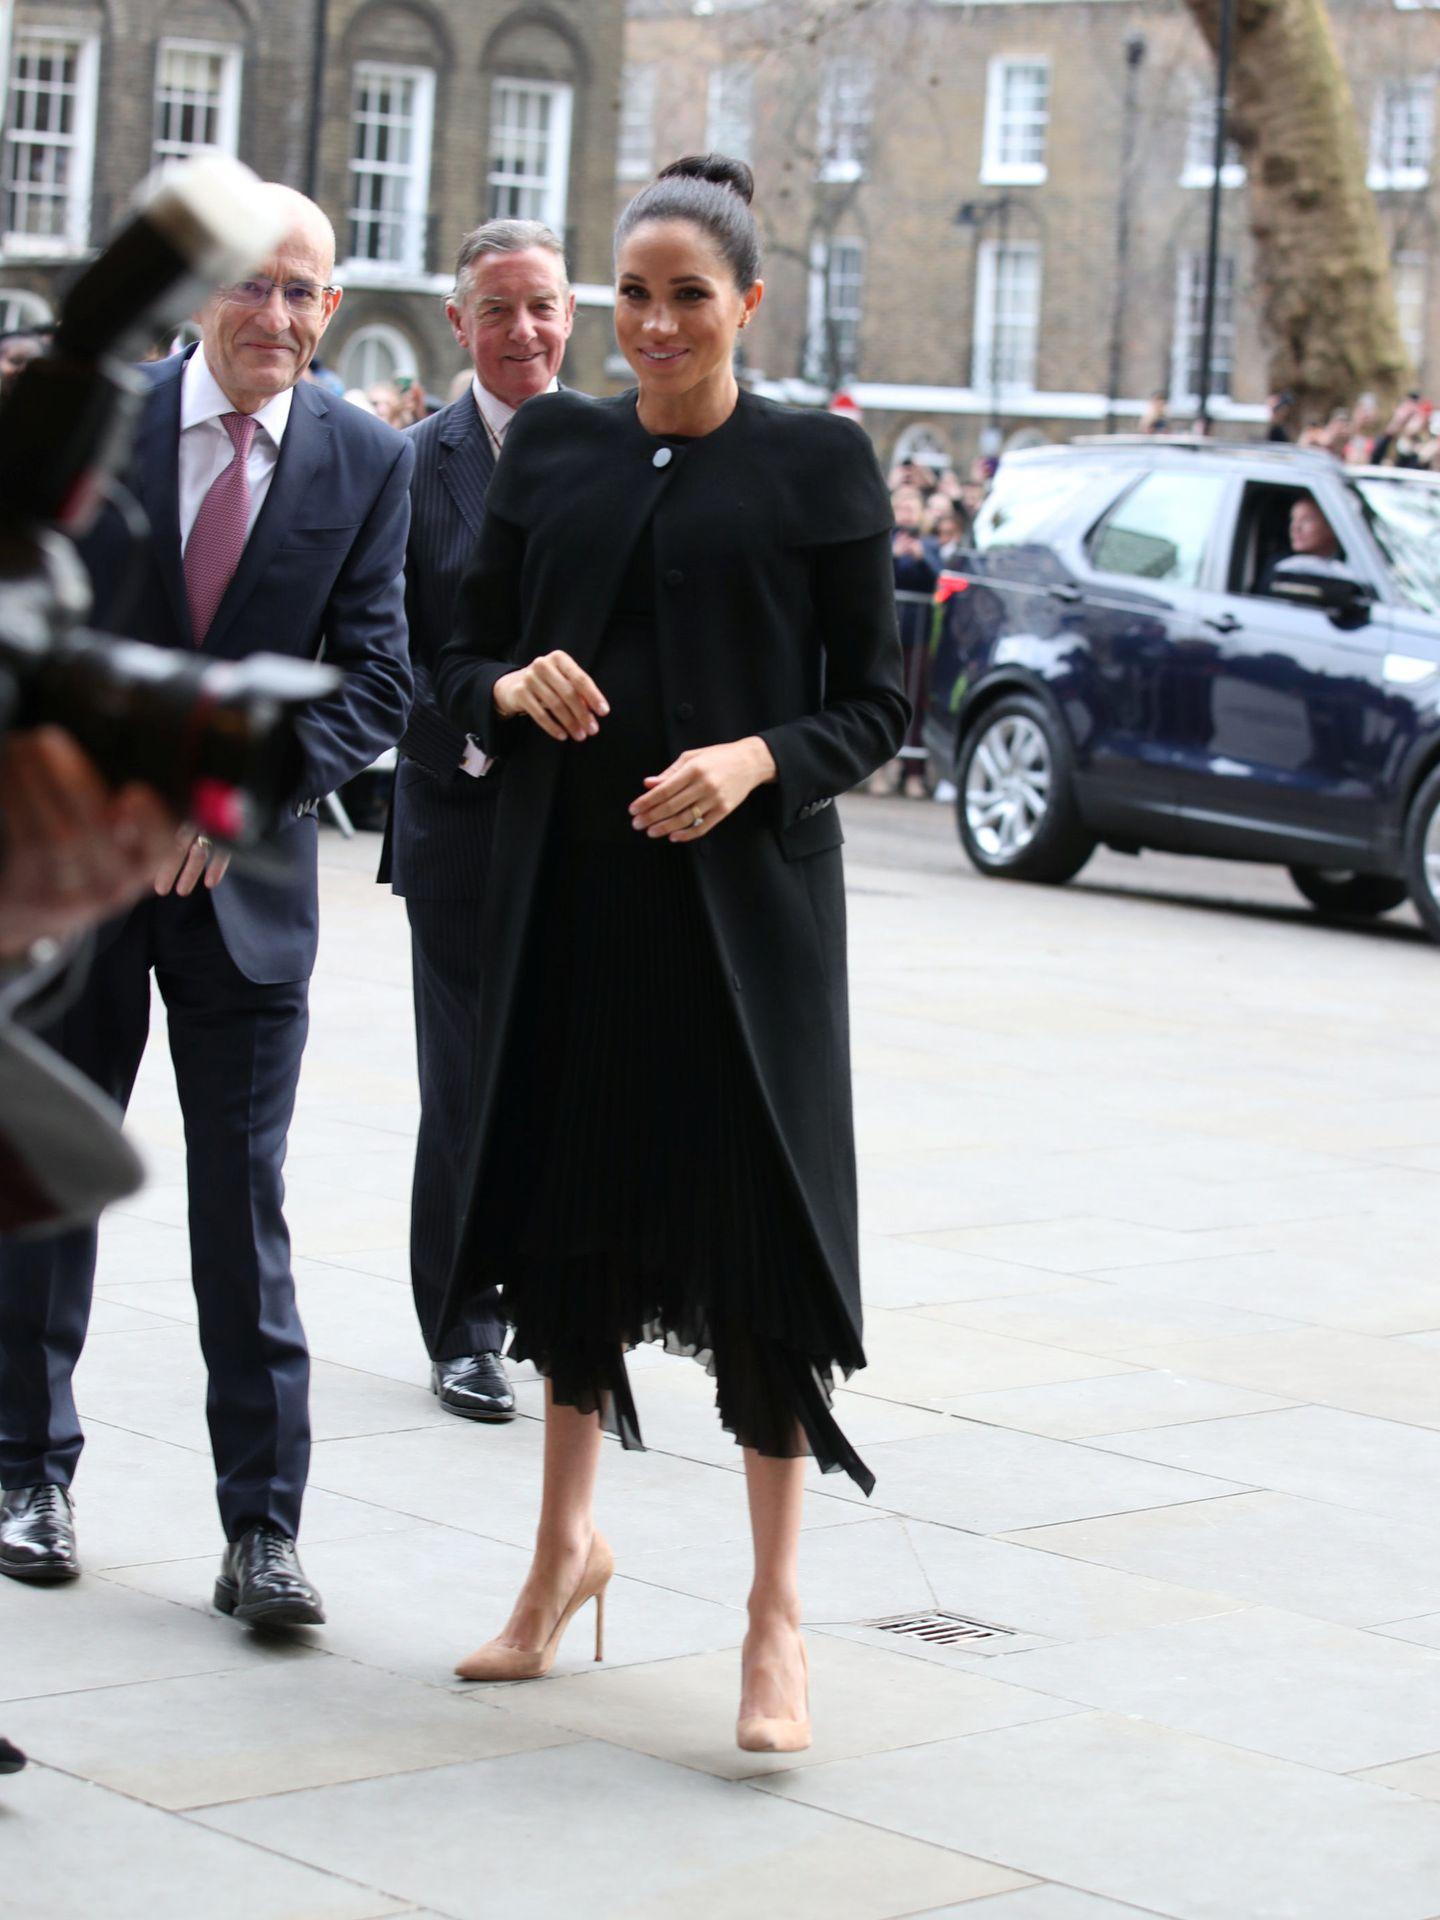 El look de la duquesa. (Reuters)